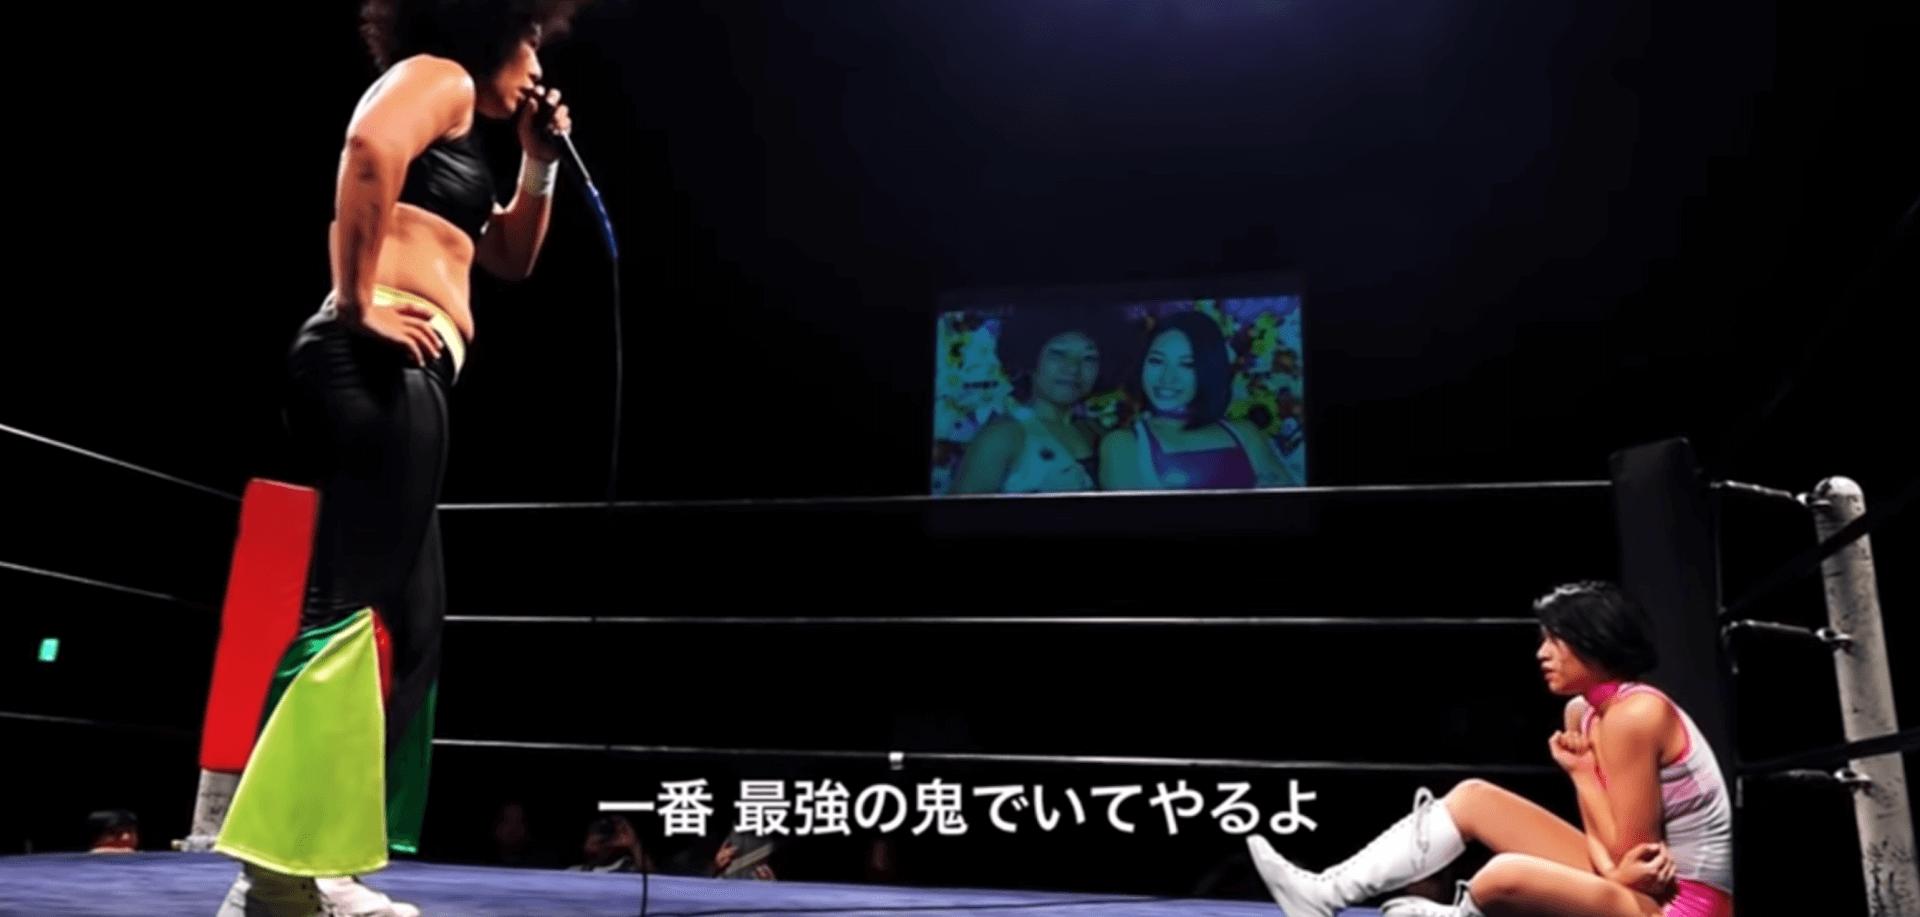 木村花/華麗に、そしてダイナミックに咲き誇るファンキーガール 200604_kimurahana_05